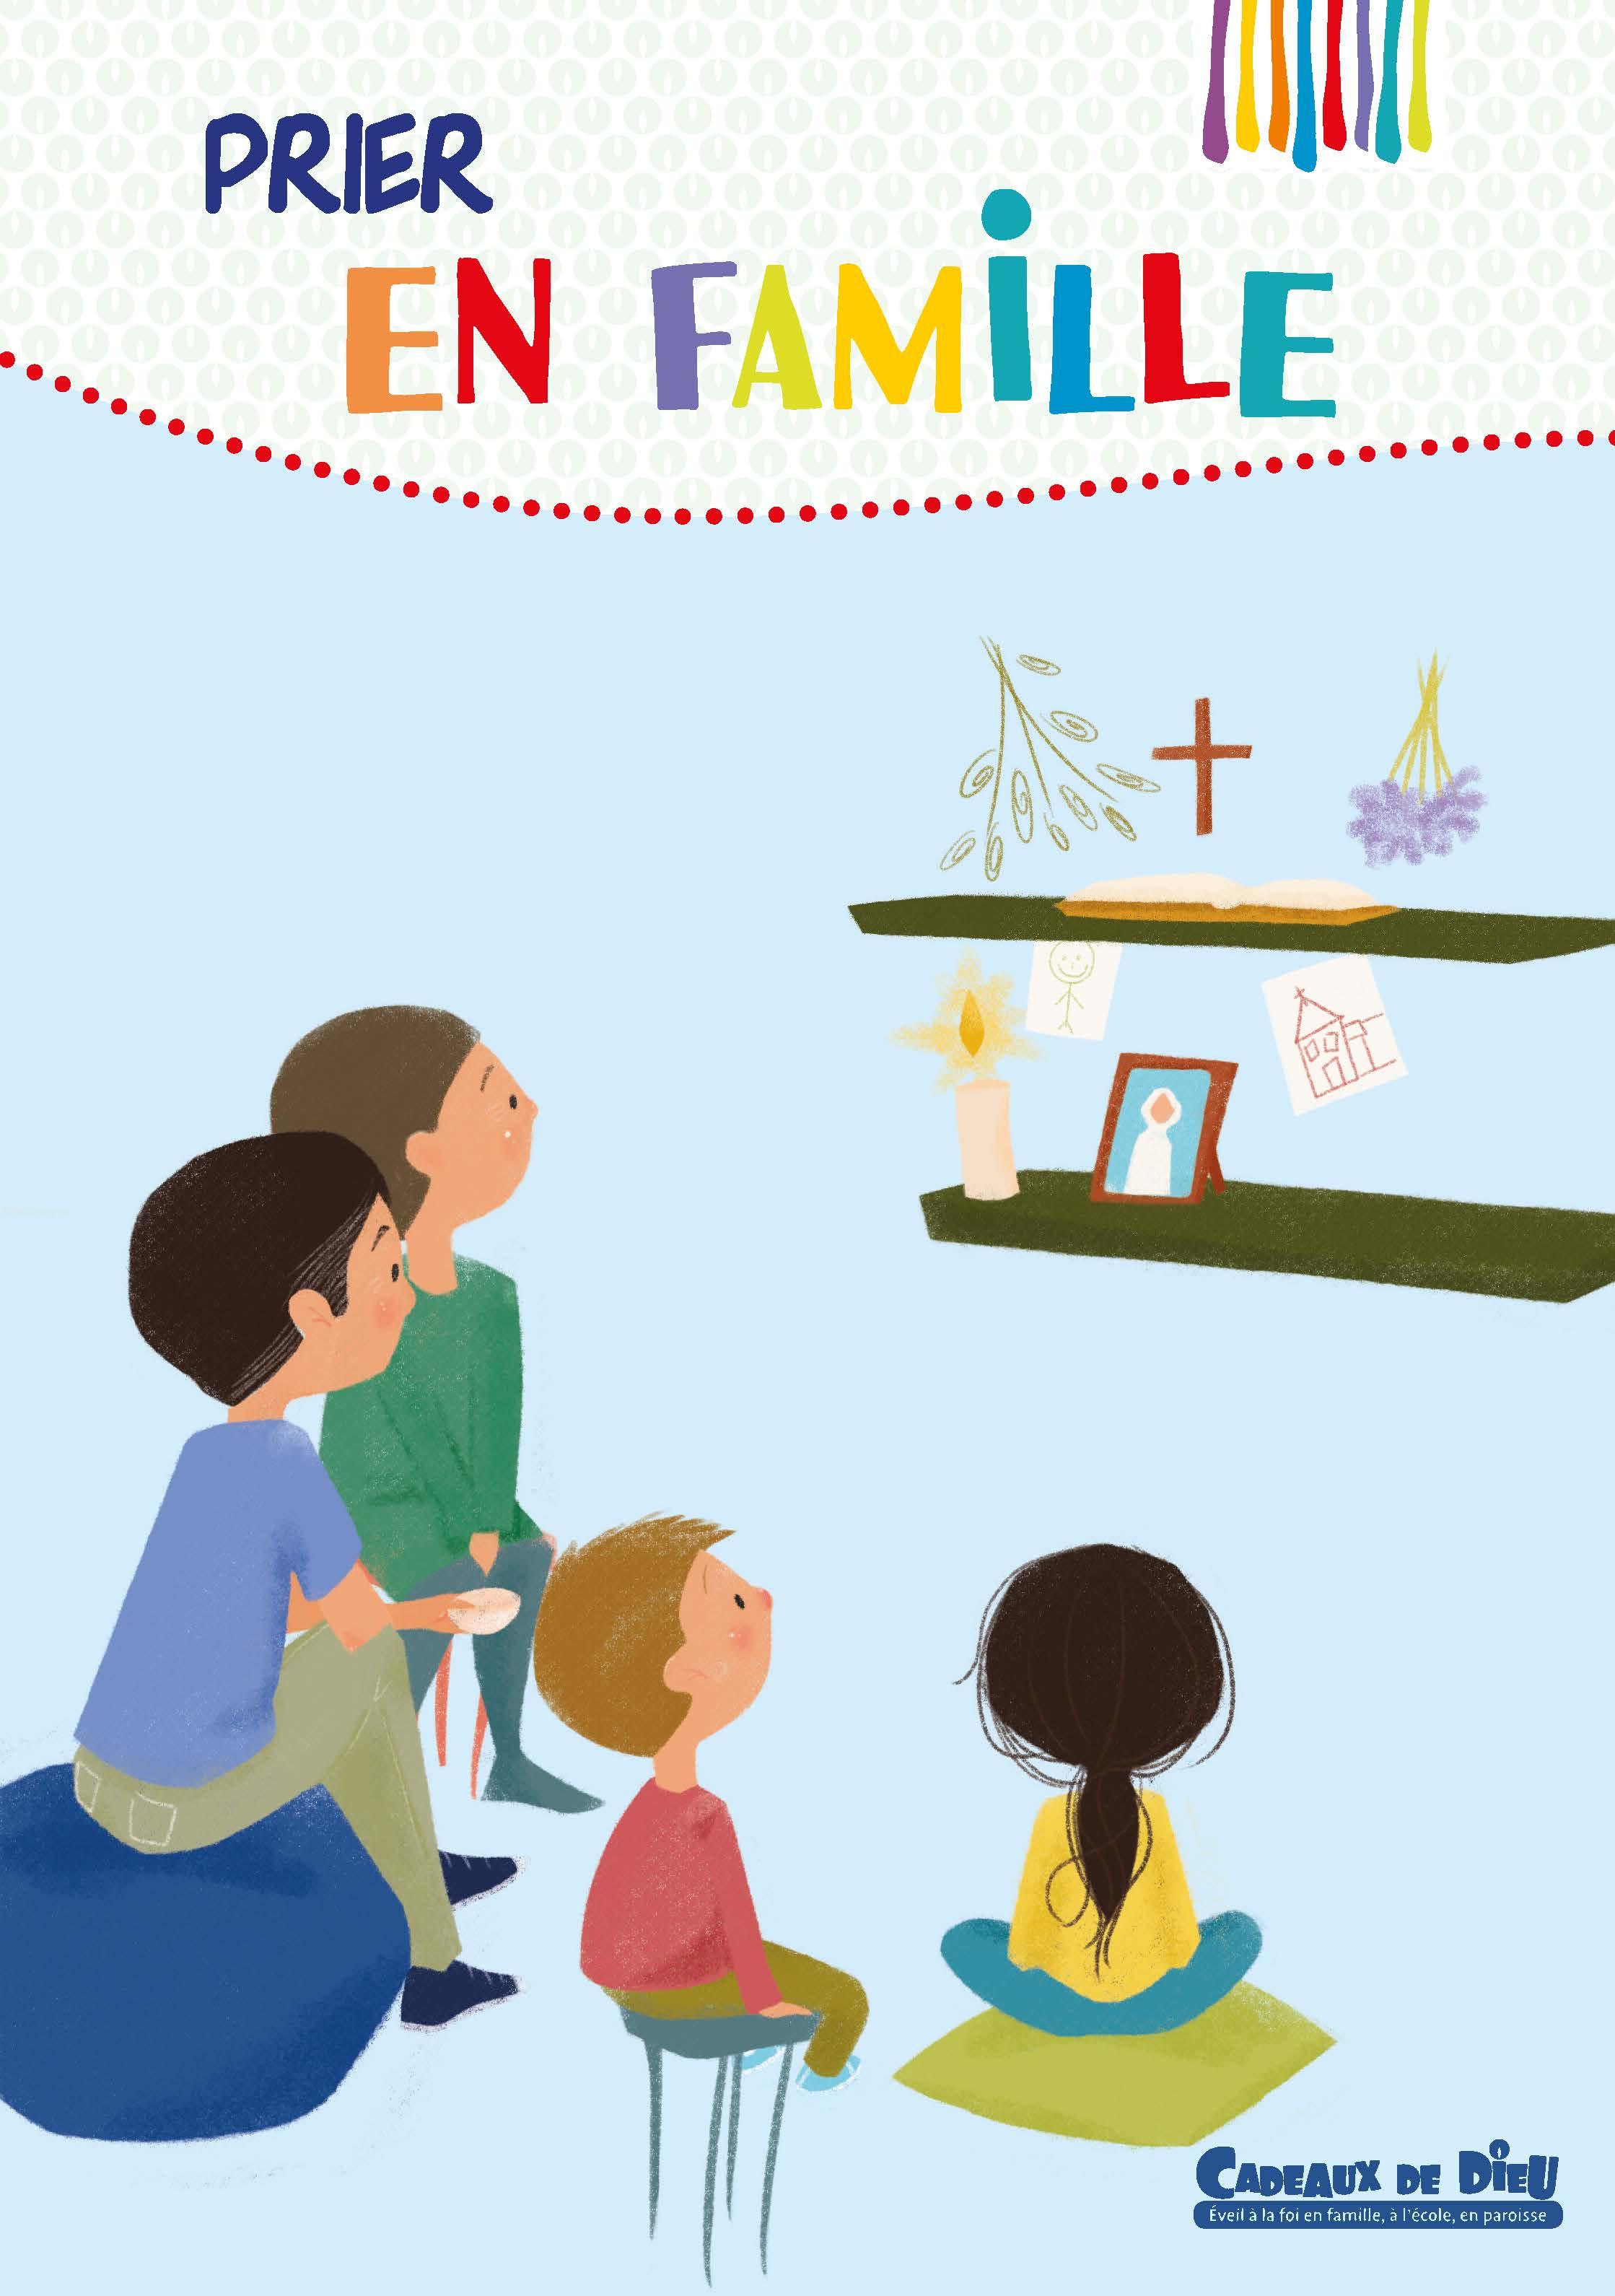 Coloriage Paques Eveil A La Foi.Cadeaux De Dieu L Eveil A La Foi En Famille A L Ecole En Paroisse